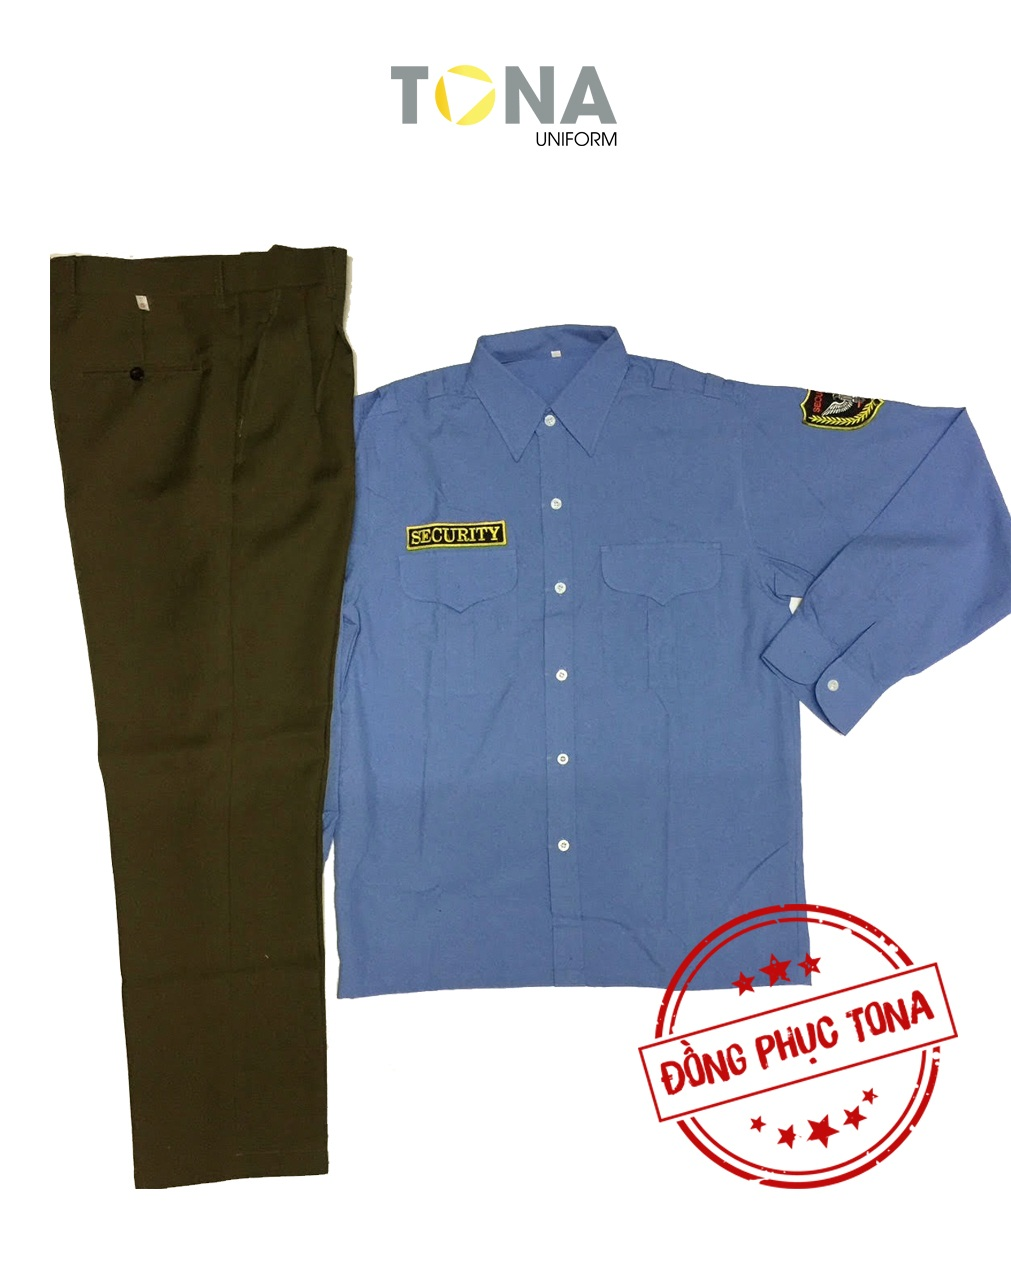 Áo bảo vệ xanh tay dài có sẵn mẫu 1